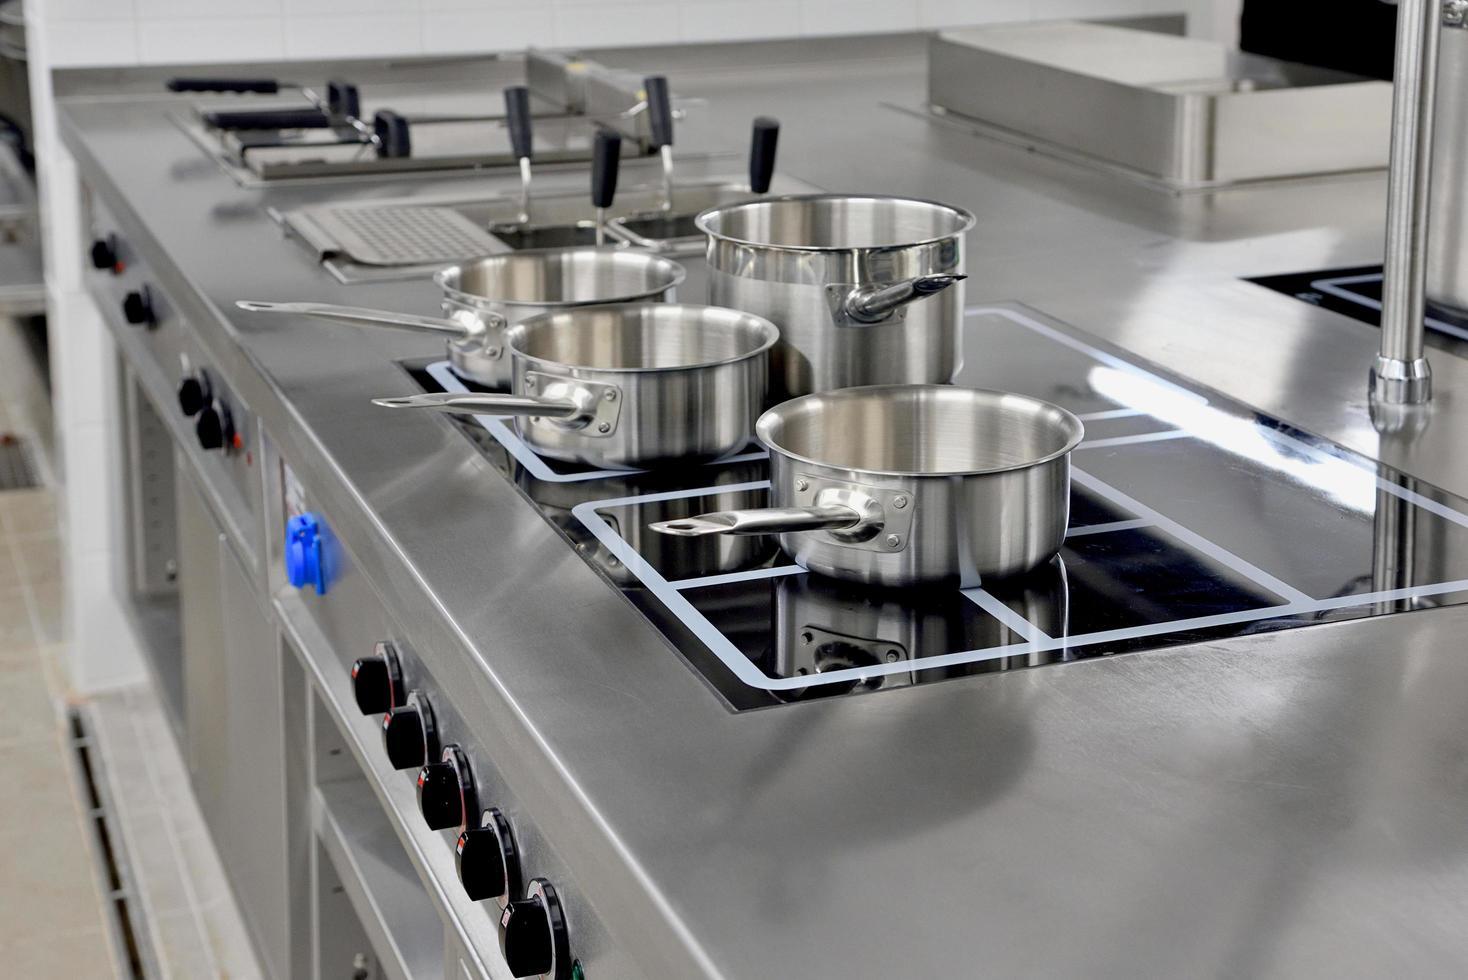 ollas de acero inoxidable construidas en la estufa en la cocina del restaurante foto